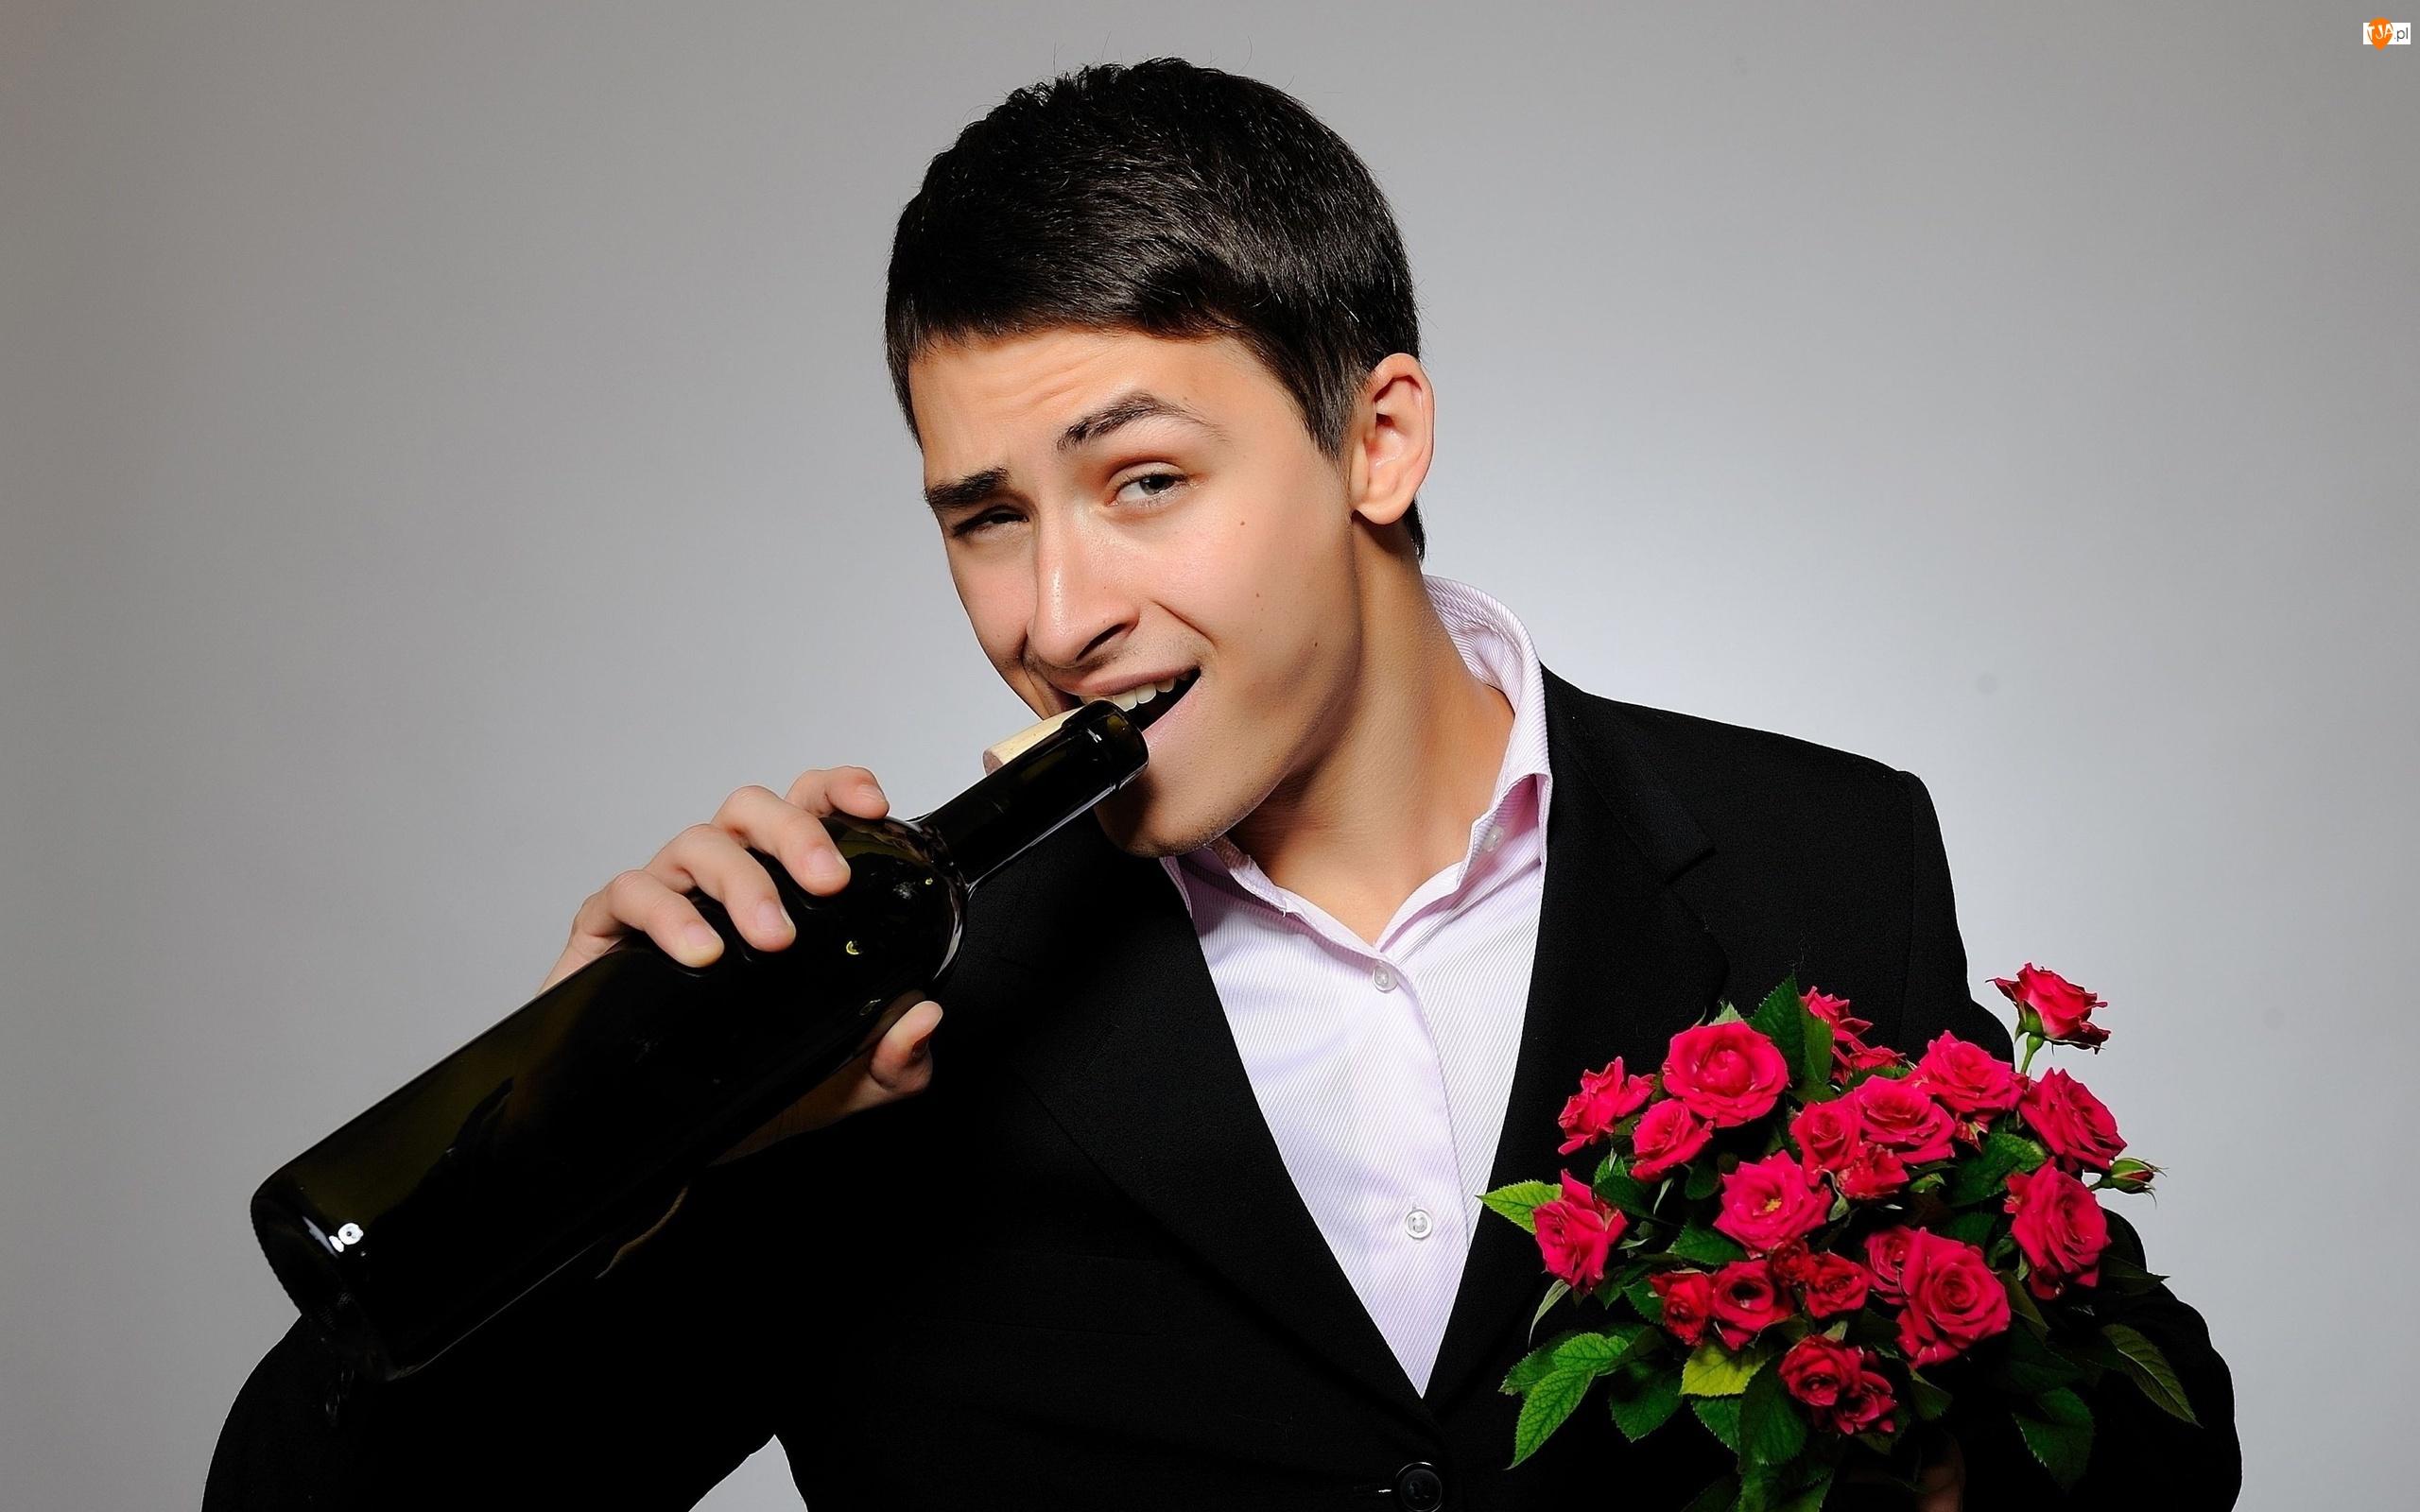 Butelka, Róż, Uśmiech, Mężczyzna, Bukiet